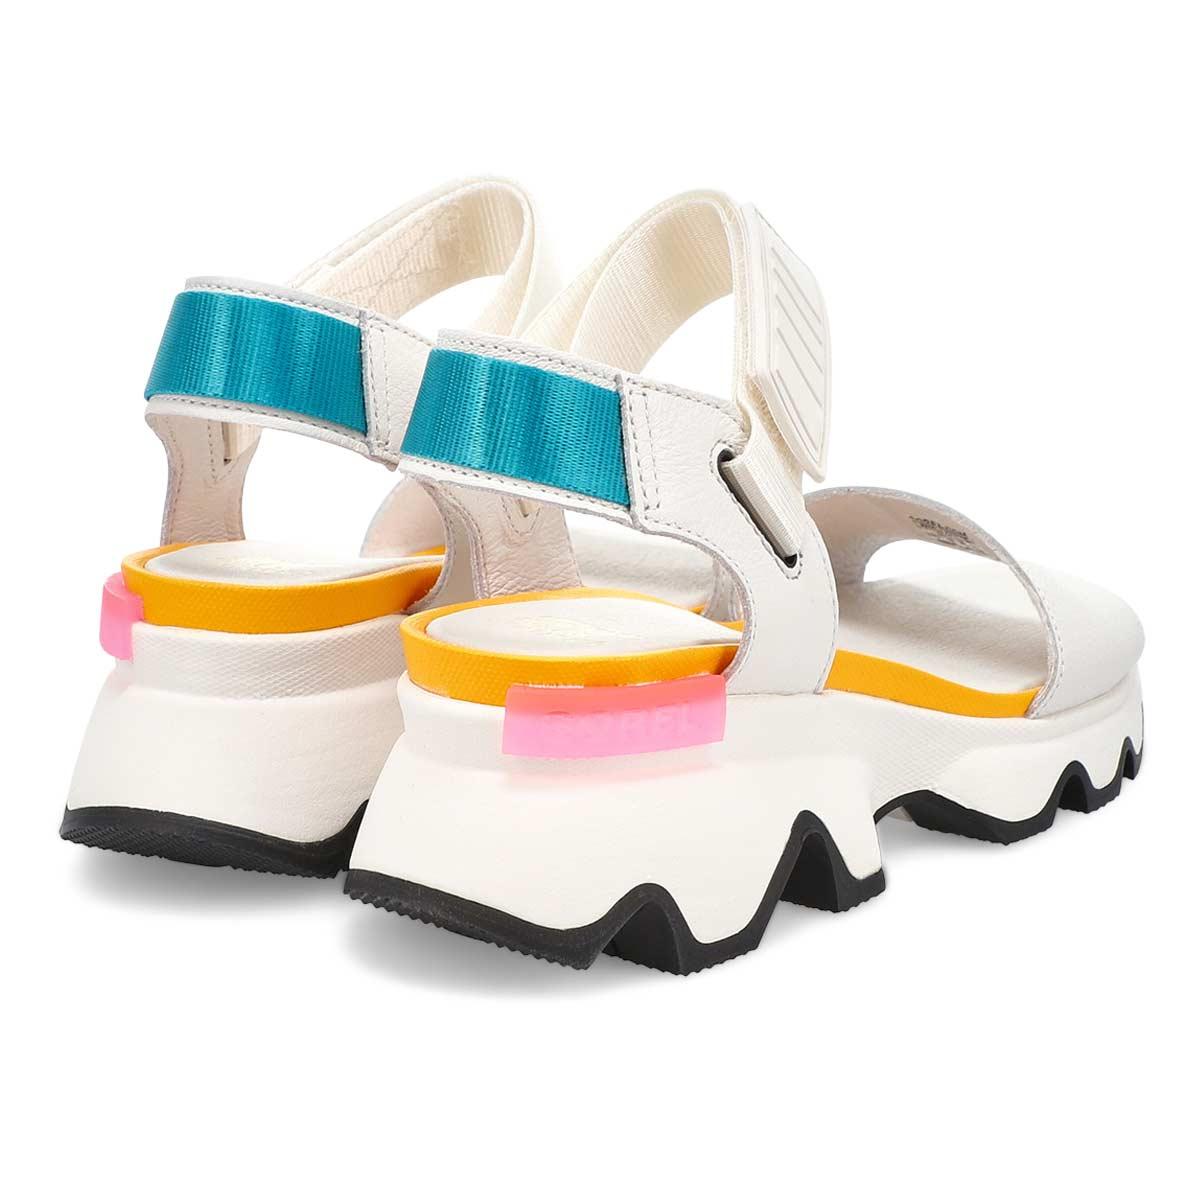 Sandales décontractées KINETIC, sel de mer, femmes